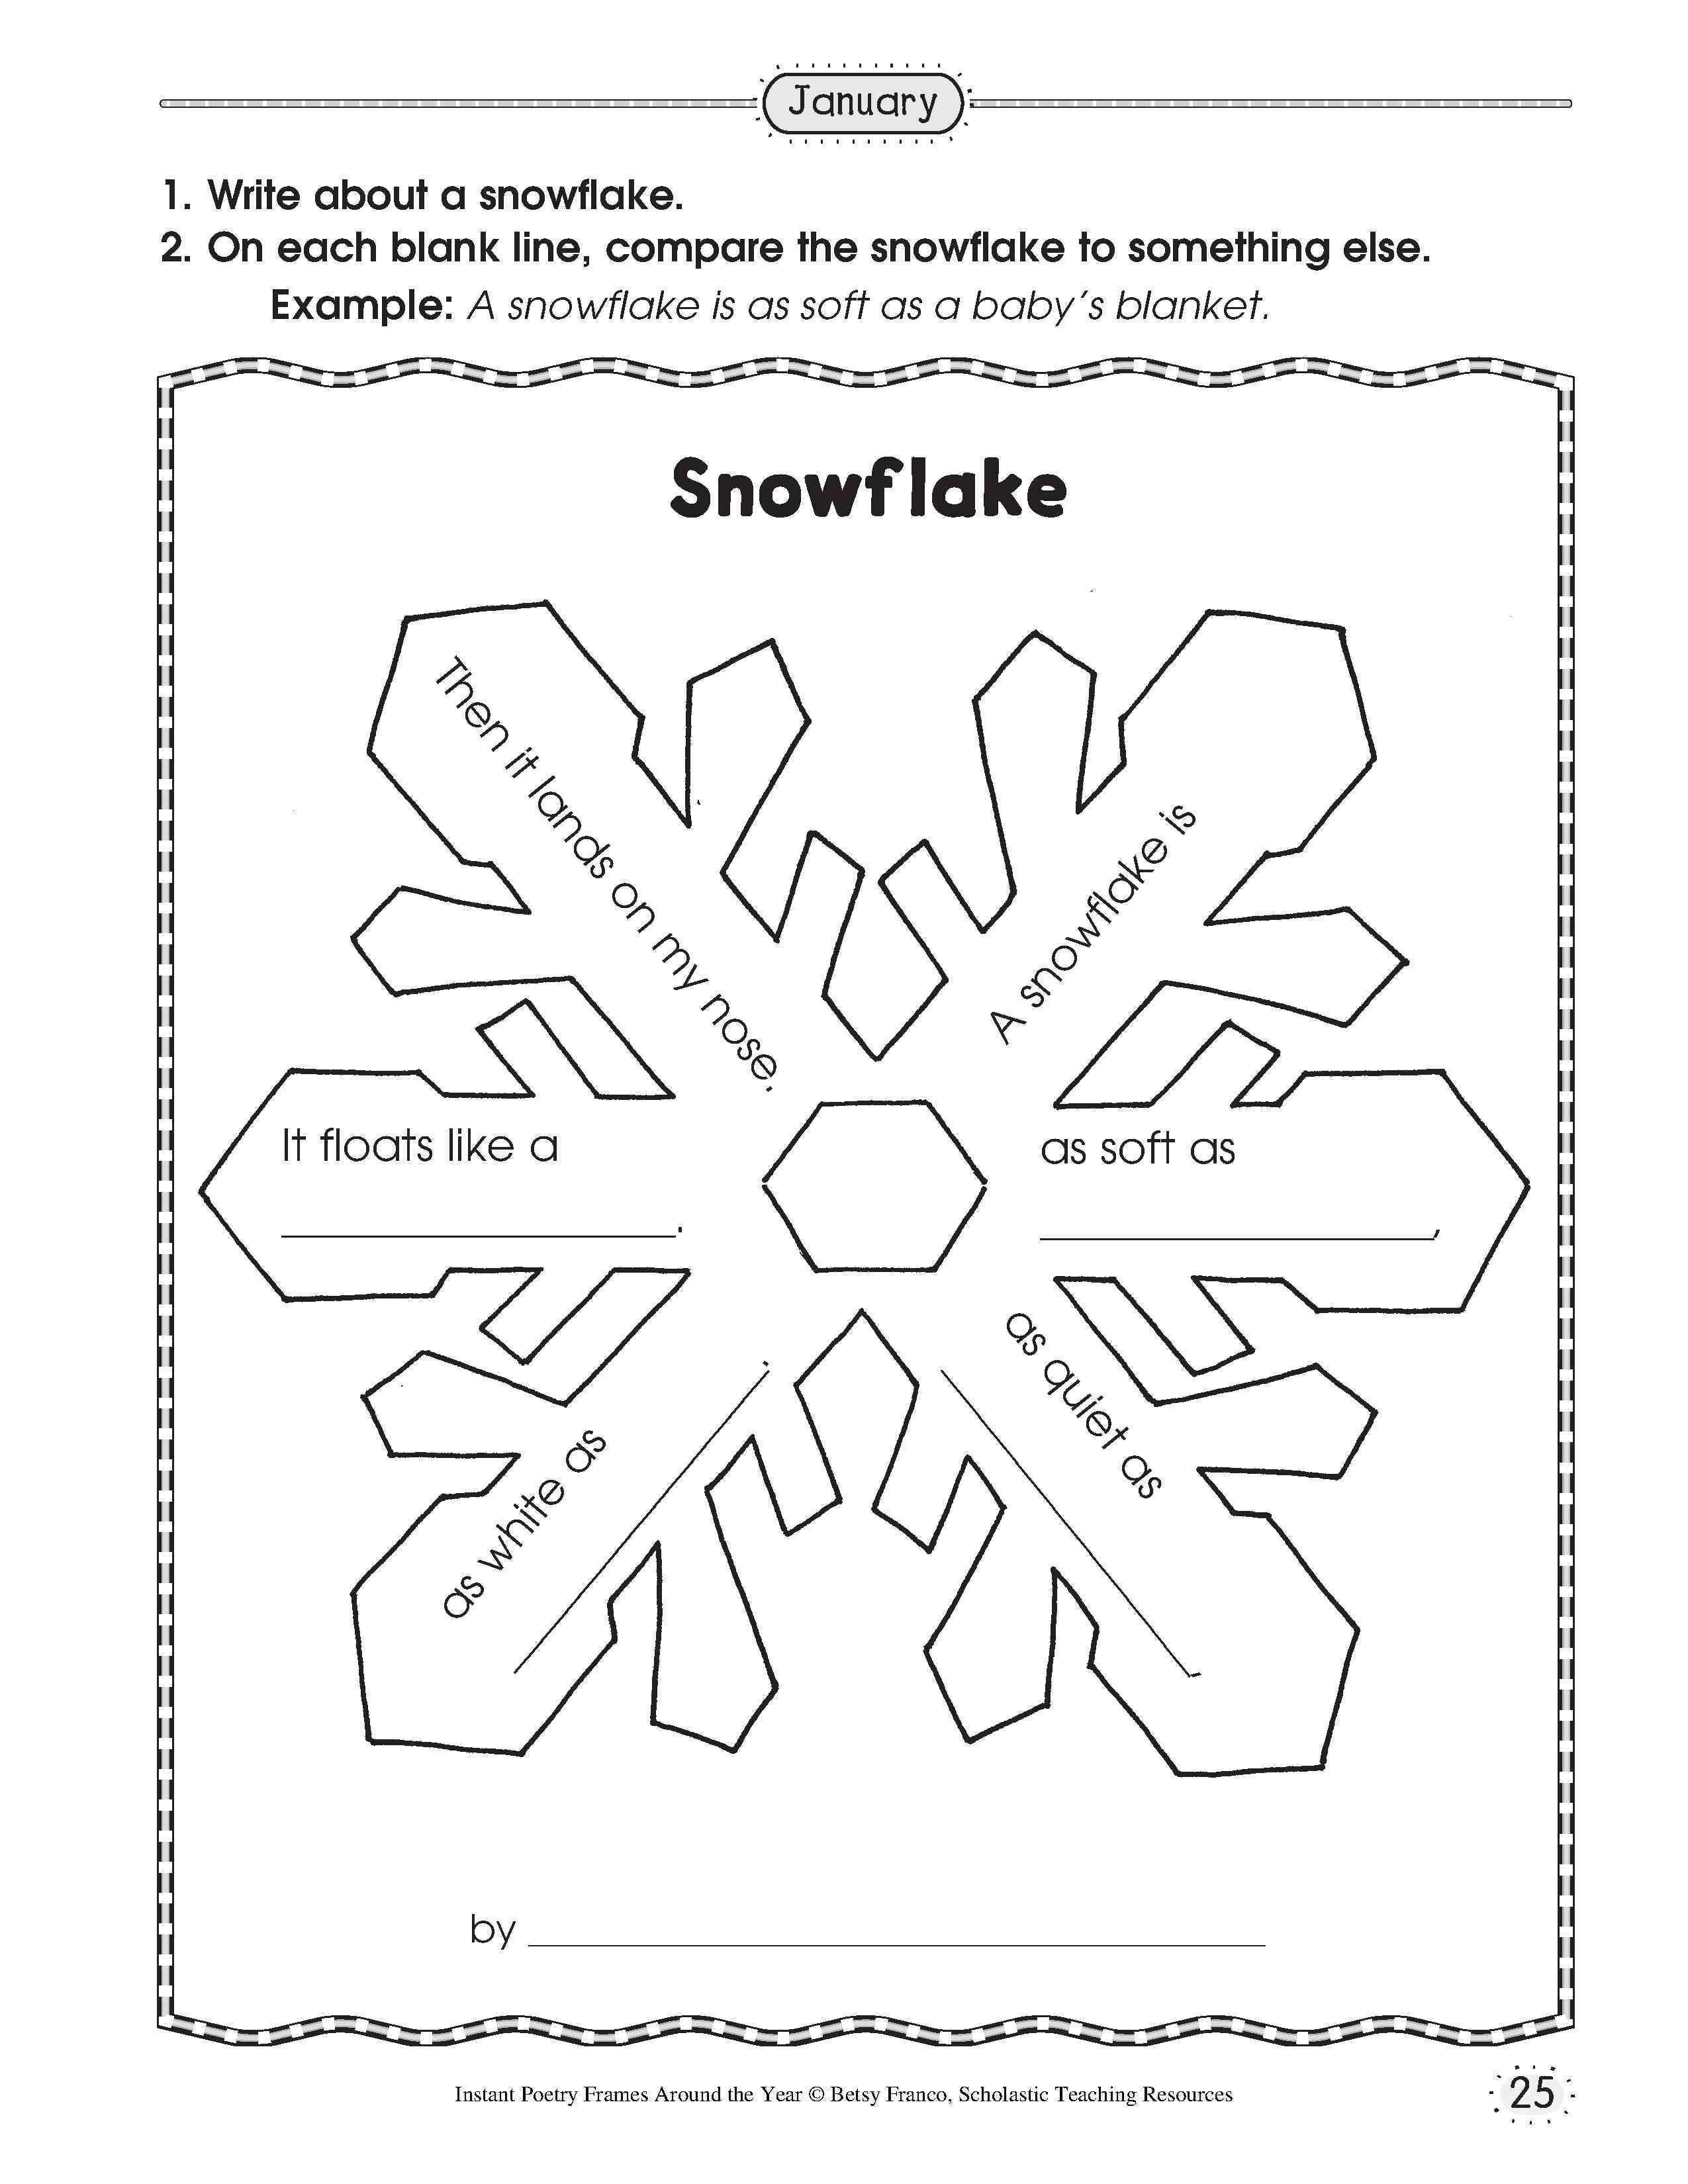 Free Printable Snowflake Template. Printable Snowflake Template - Snowflake Template Free Printable